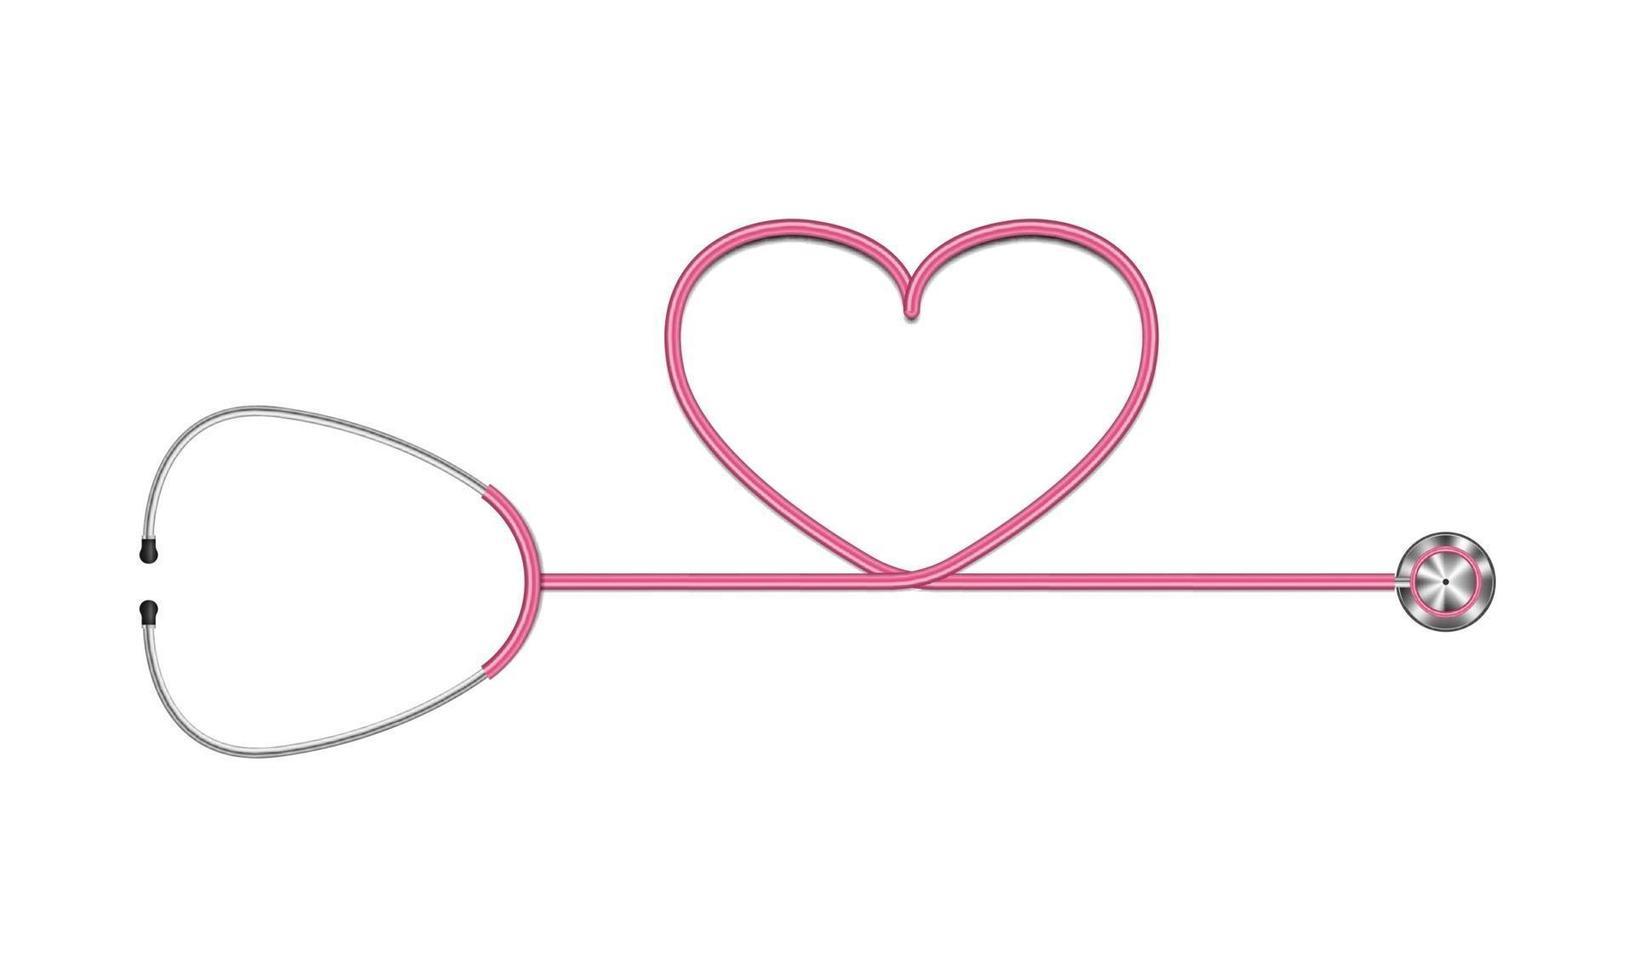 Estetoscopio realista y corazón aislado sobre fondo blanco, ilustración vectorial vector